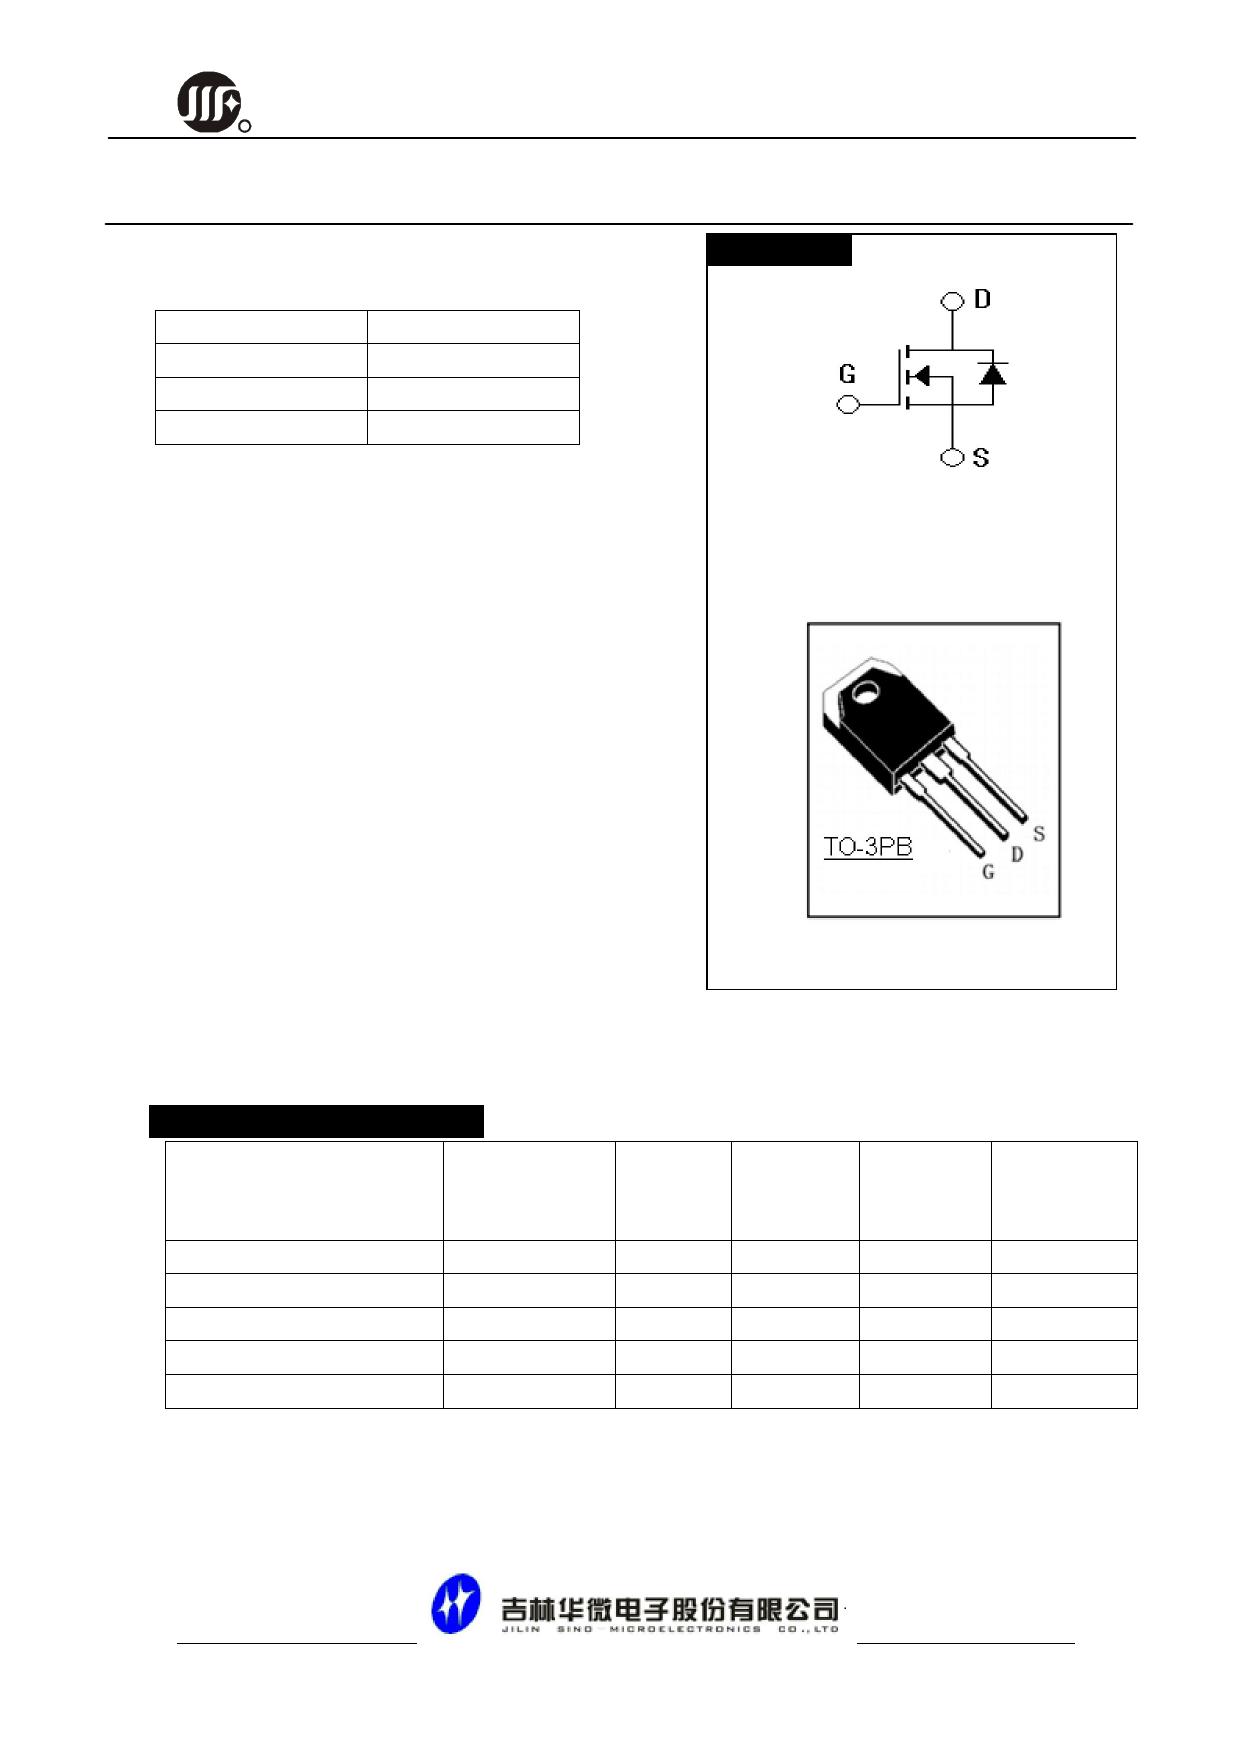 JCS65N20ABT datasheet